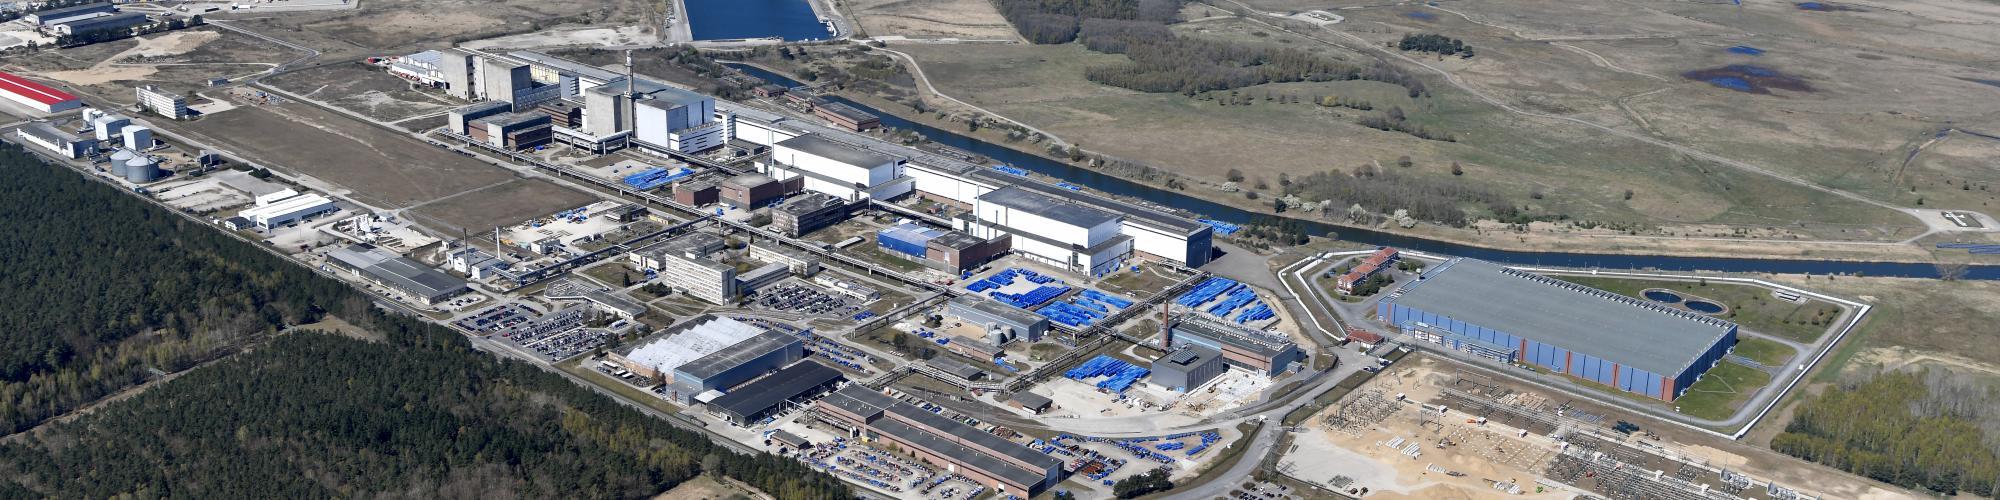 EWN Entsorgungswerk für Nuklearanlagen GmbH